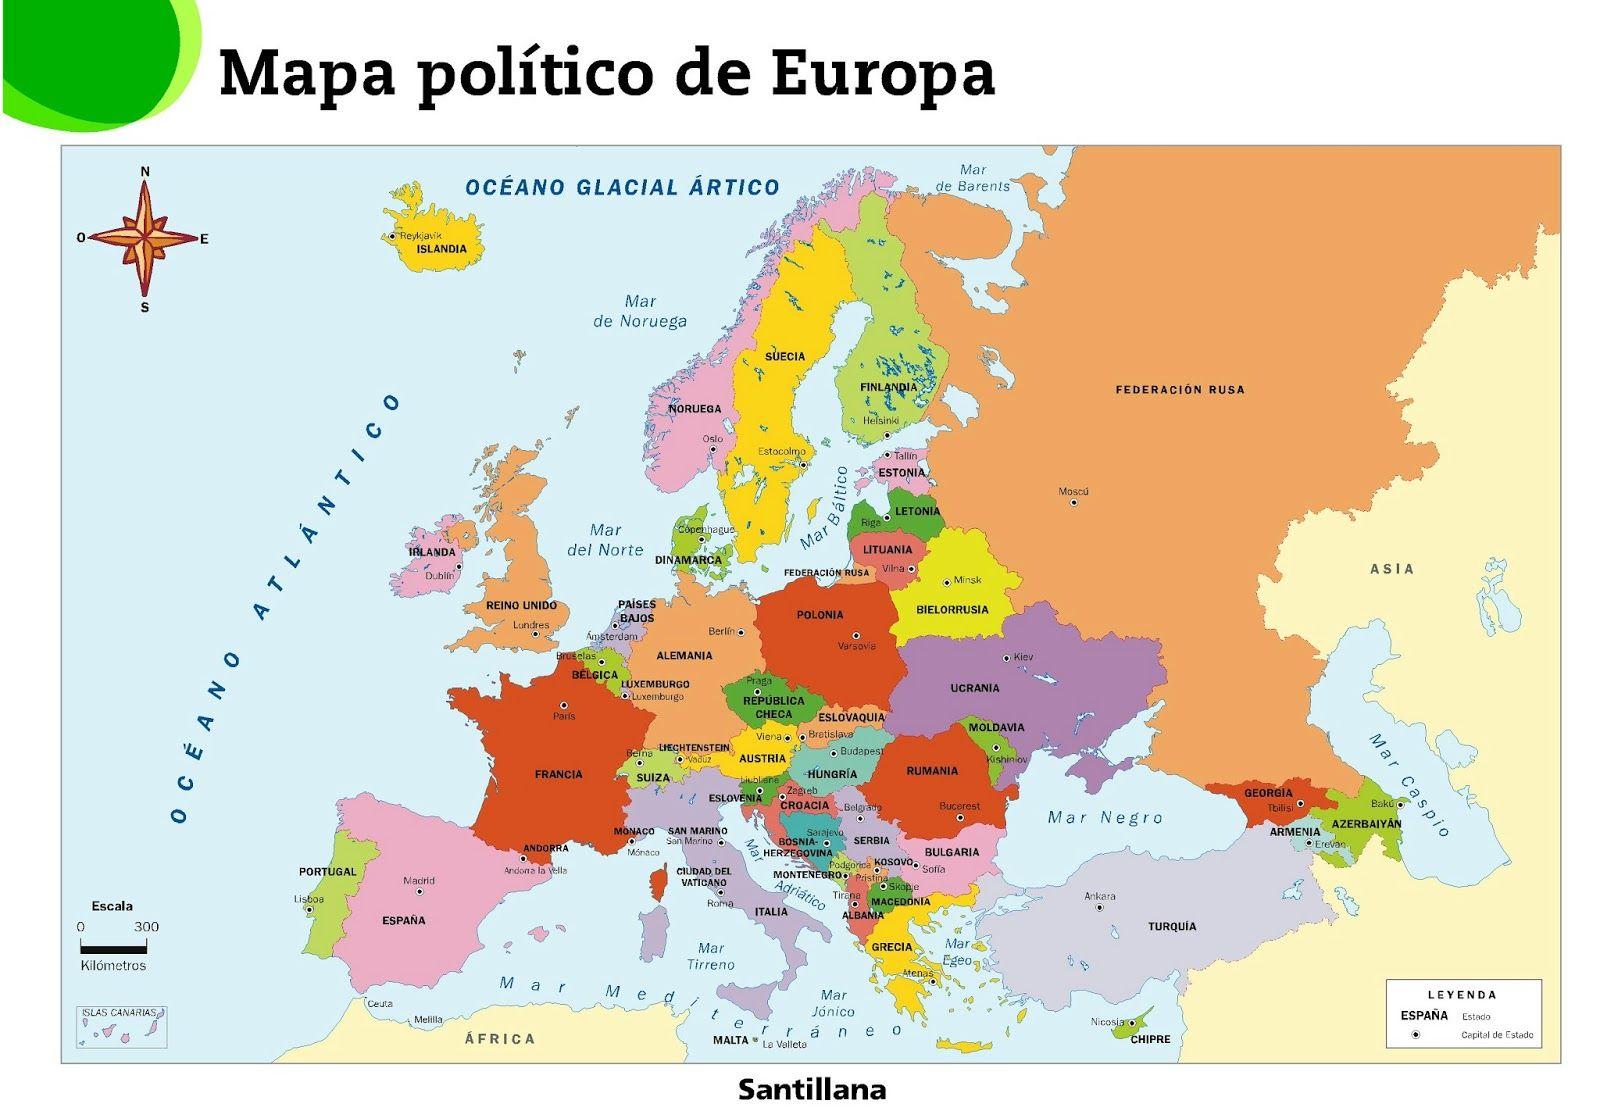 Quiero Ver El Mapa Politico De Europa Ask Com Image Search